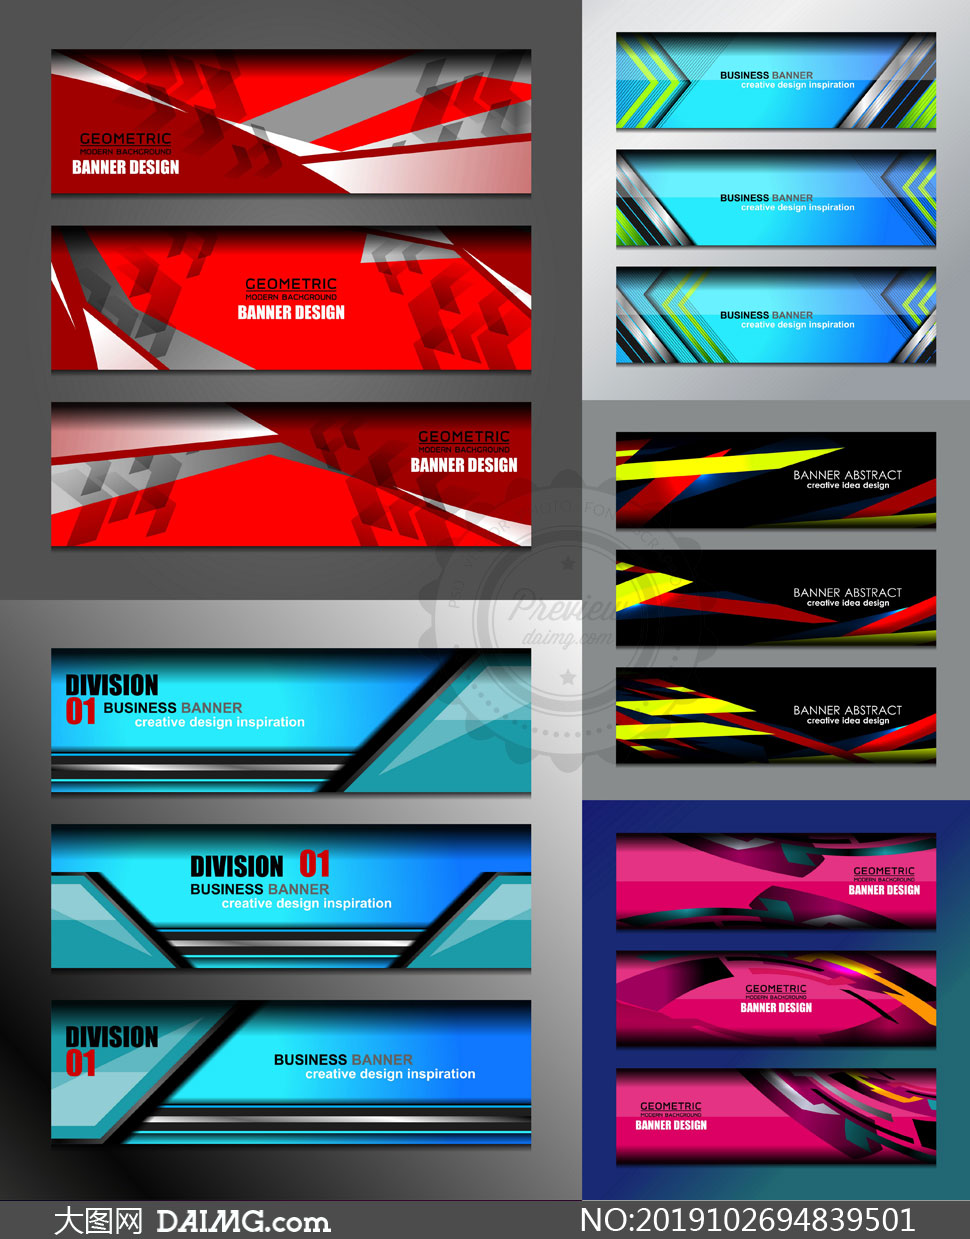 多款BANNER版式设计矢量素材集V09